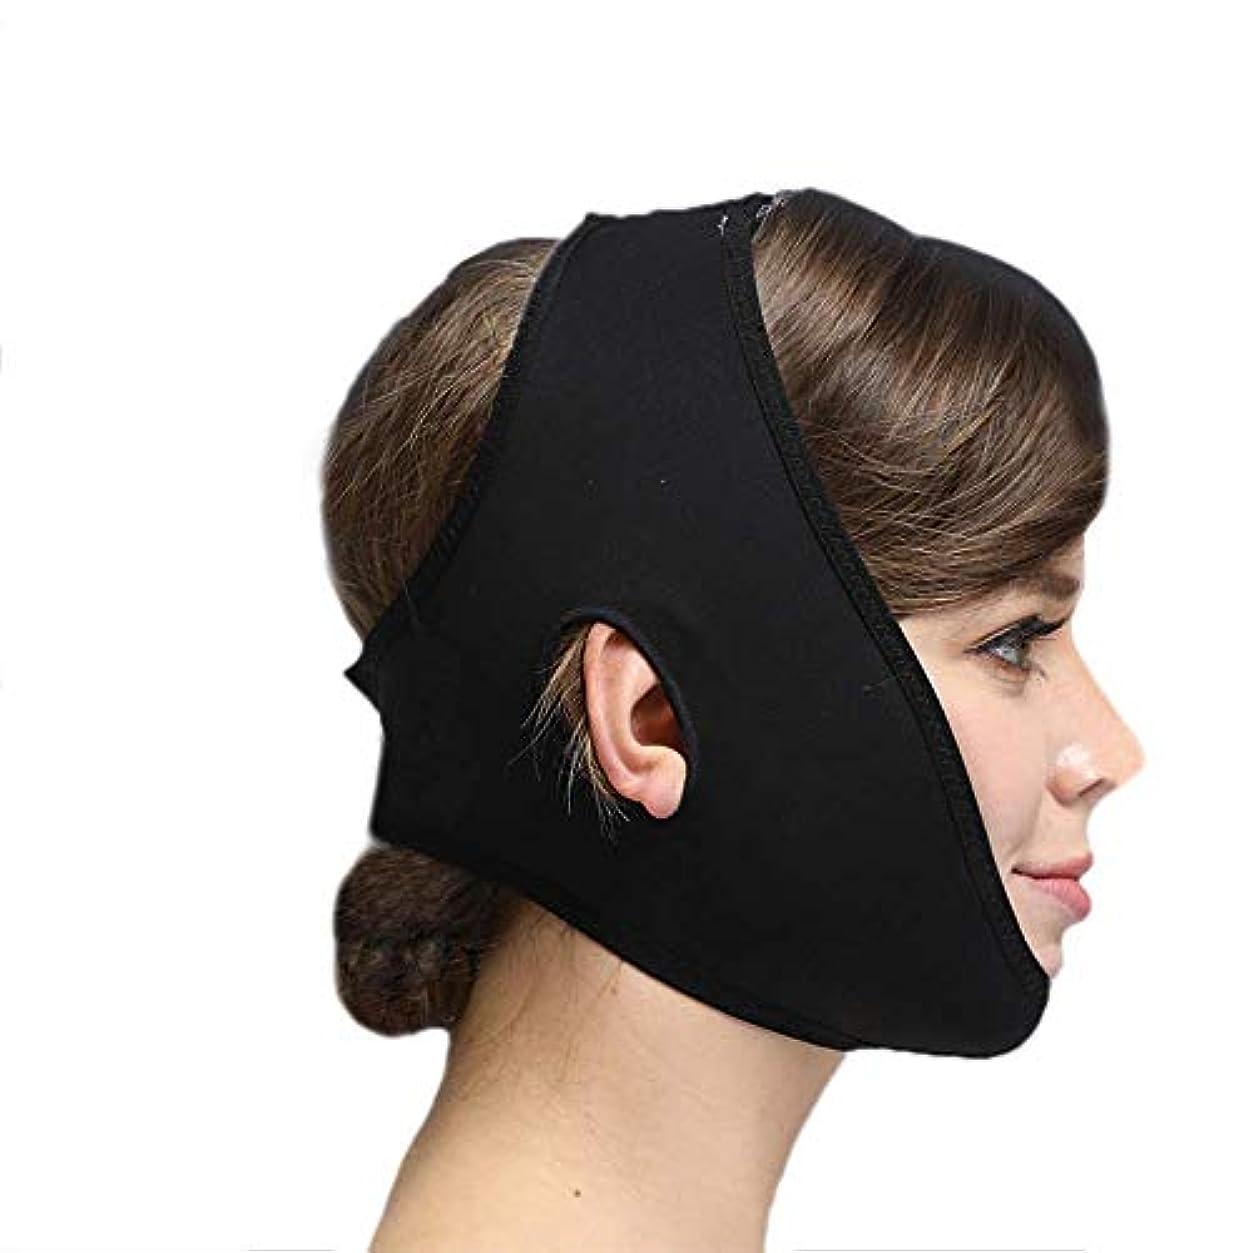 安全性さらに系譜フェイススリミングマスク、快適さと通気性、フェイシャルリフティング、輪郭の改善された硬さ、ファーミングとリフティングフェイス(カラー:ブラック、サイズ:XL),ブラック2、XL